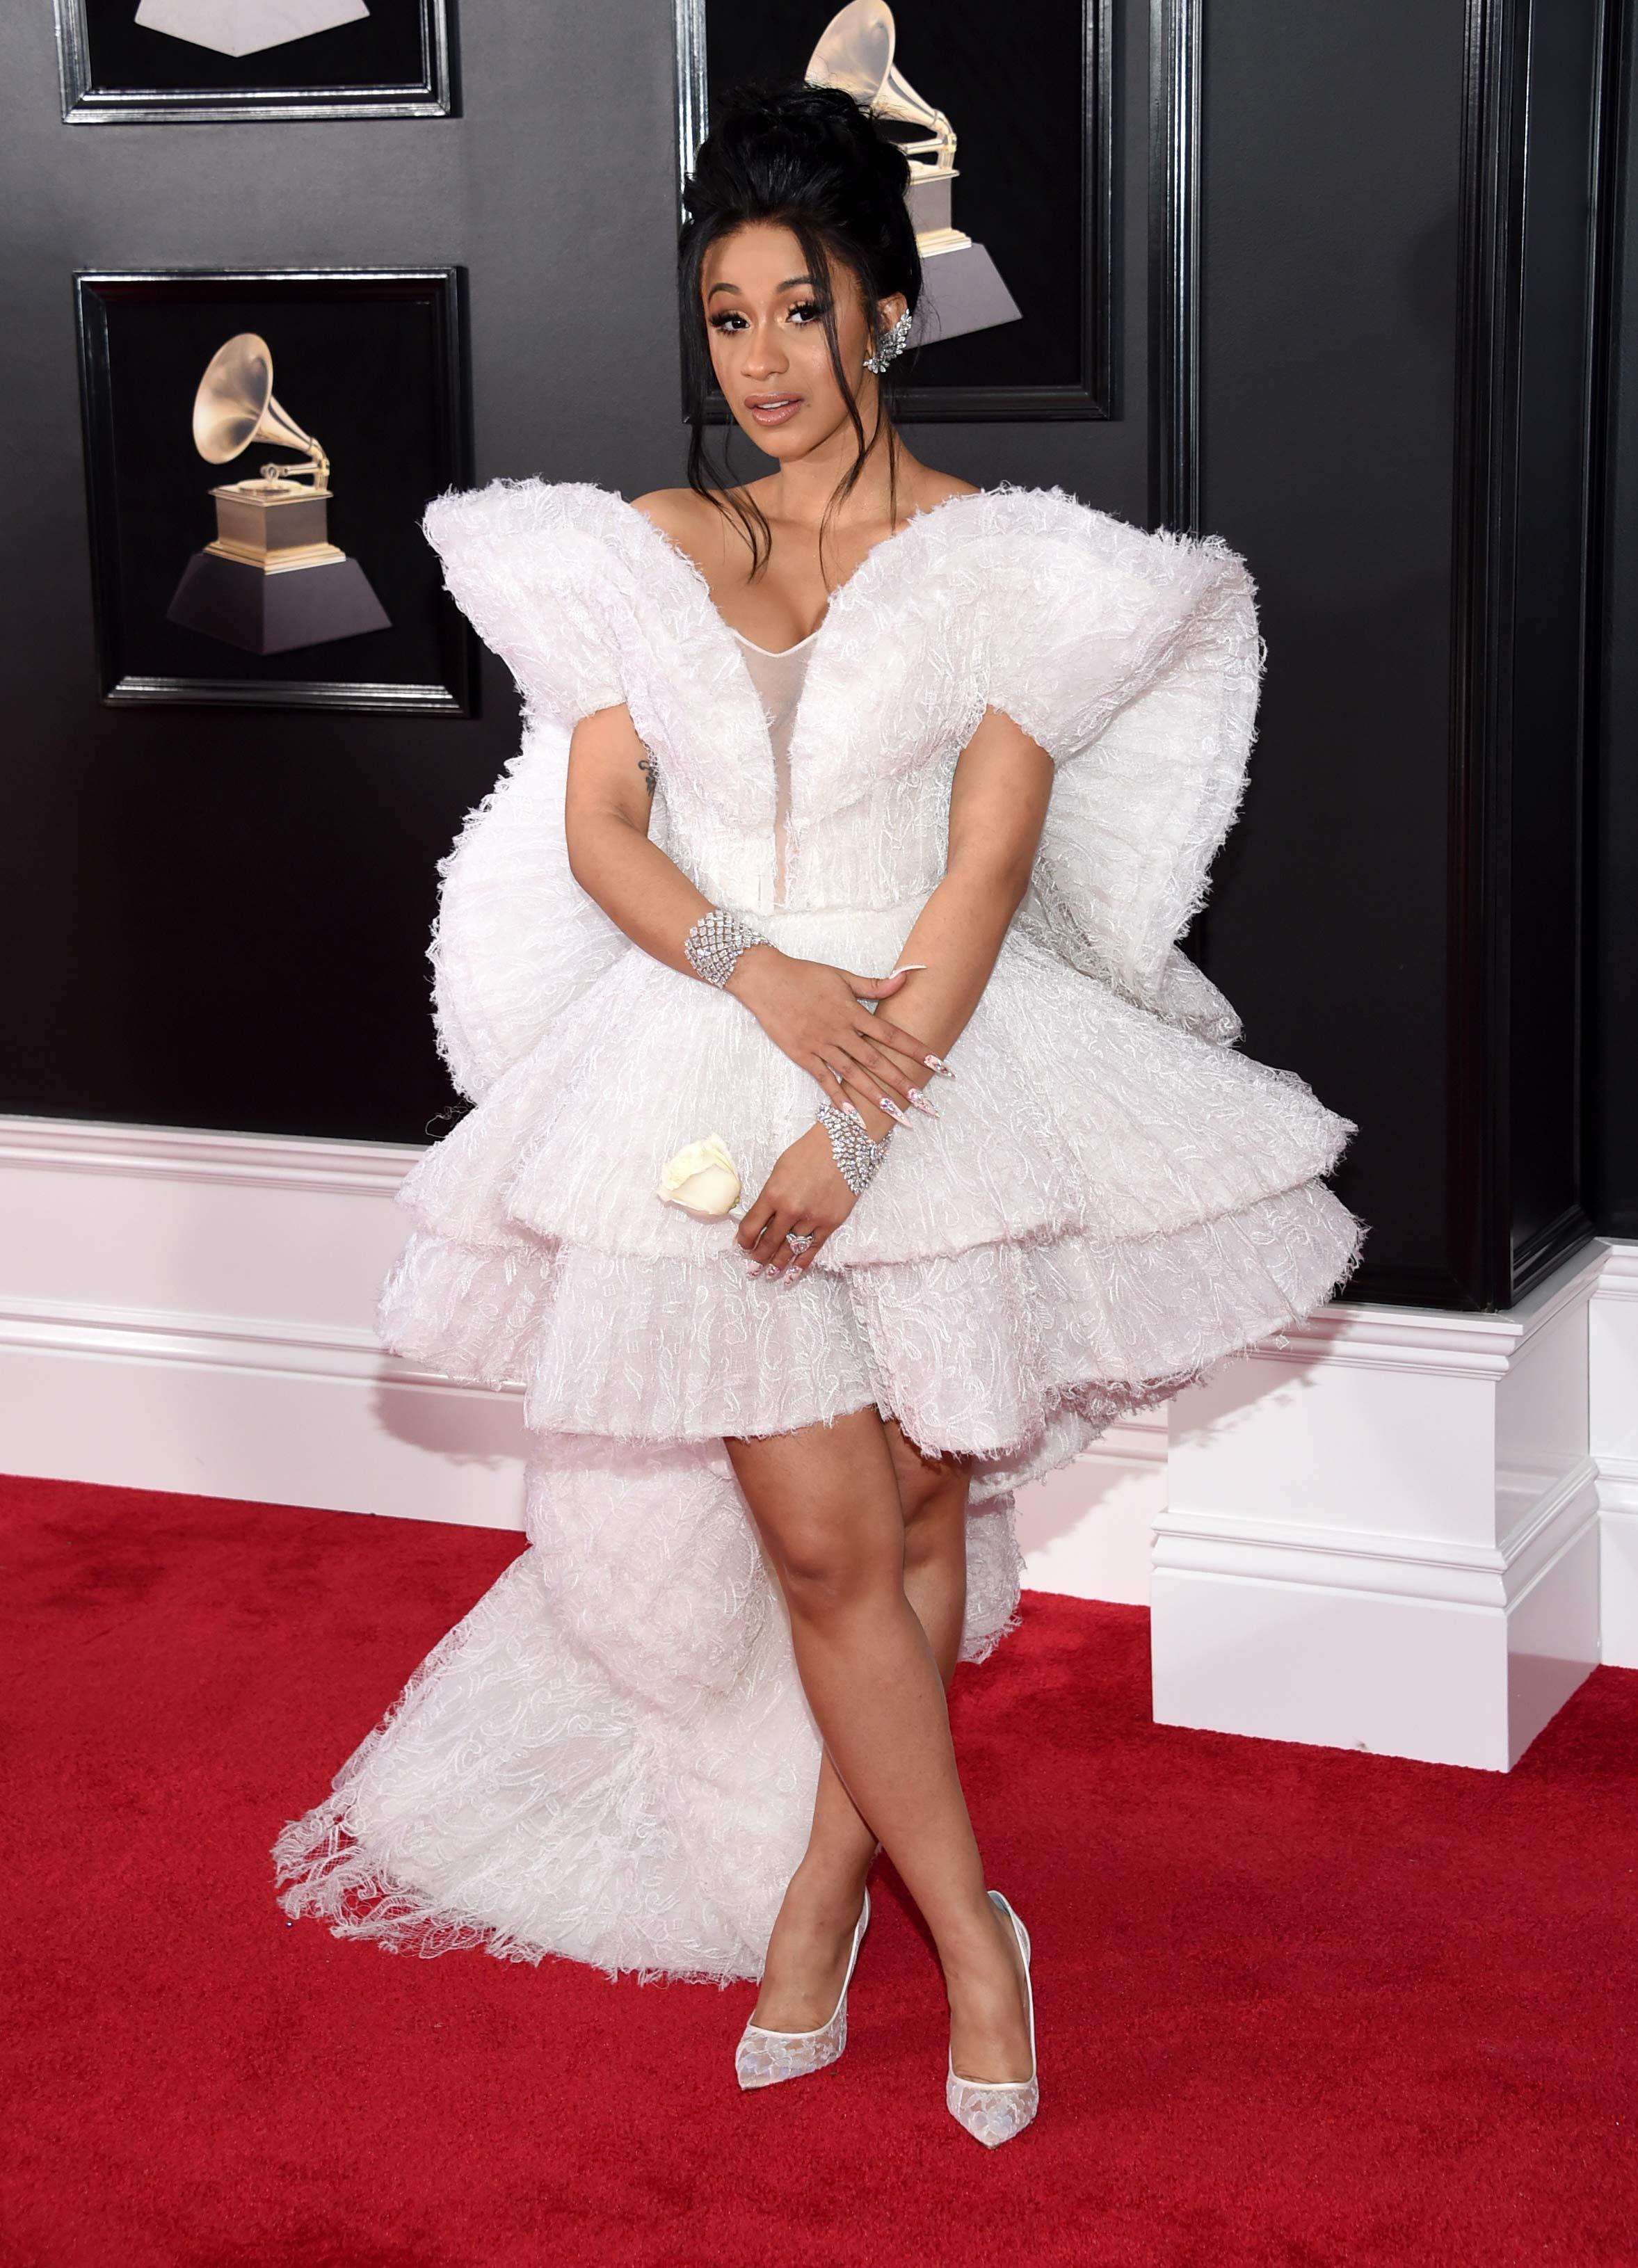 Cardi B, la primera mujer en lograr 5 hits simultáneos en el top 10 del Billboard Hot R&B/Hip-Hop chart eligió un modelo geométrico de Mohammed Ashi en blanco para la gala. (Foto: AP)